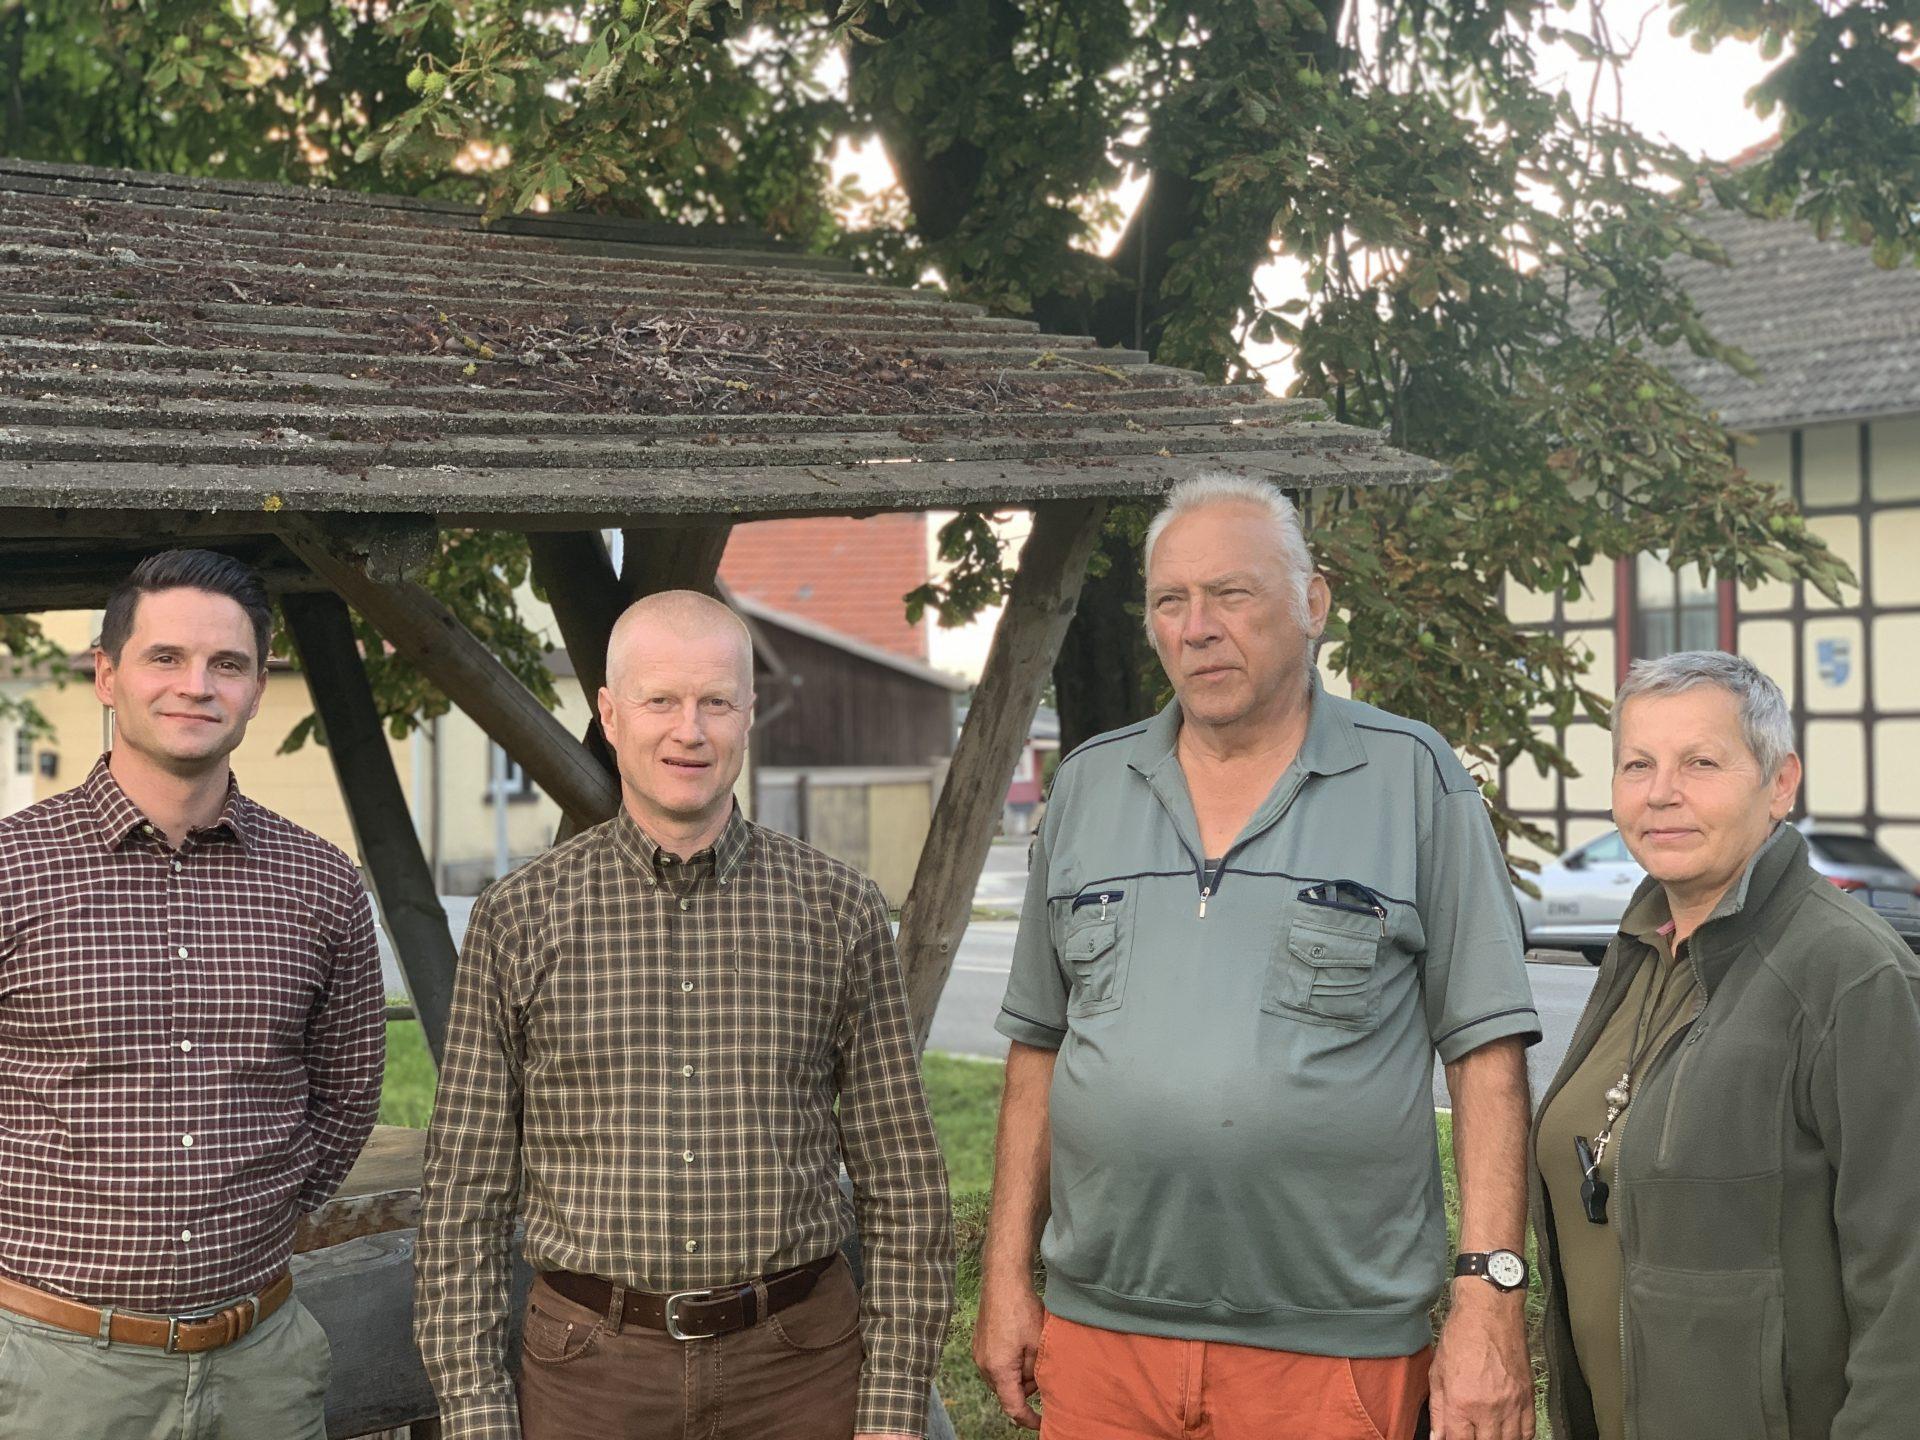 Der neue Vorstand der LG Thüringen / Sachsen besteht aus Hendrik Keiling (Kassenwart), Tim Knoll (Landesobmann), Horst Zimmermann (Zuchtwart) und Kerstin Renner Hein (stellv. Landesobfrau) v.l.n.r